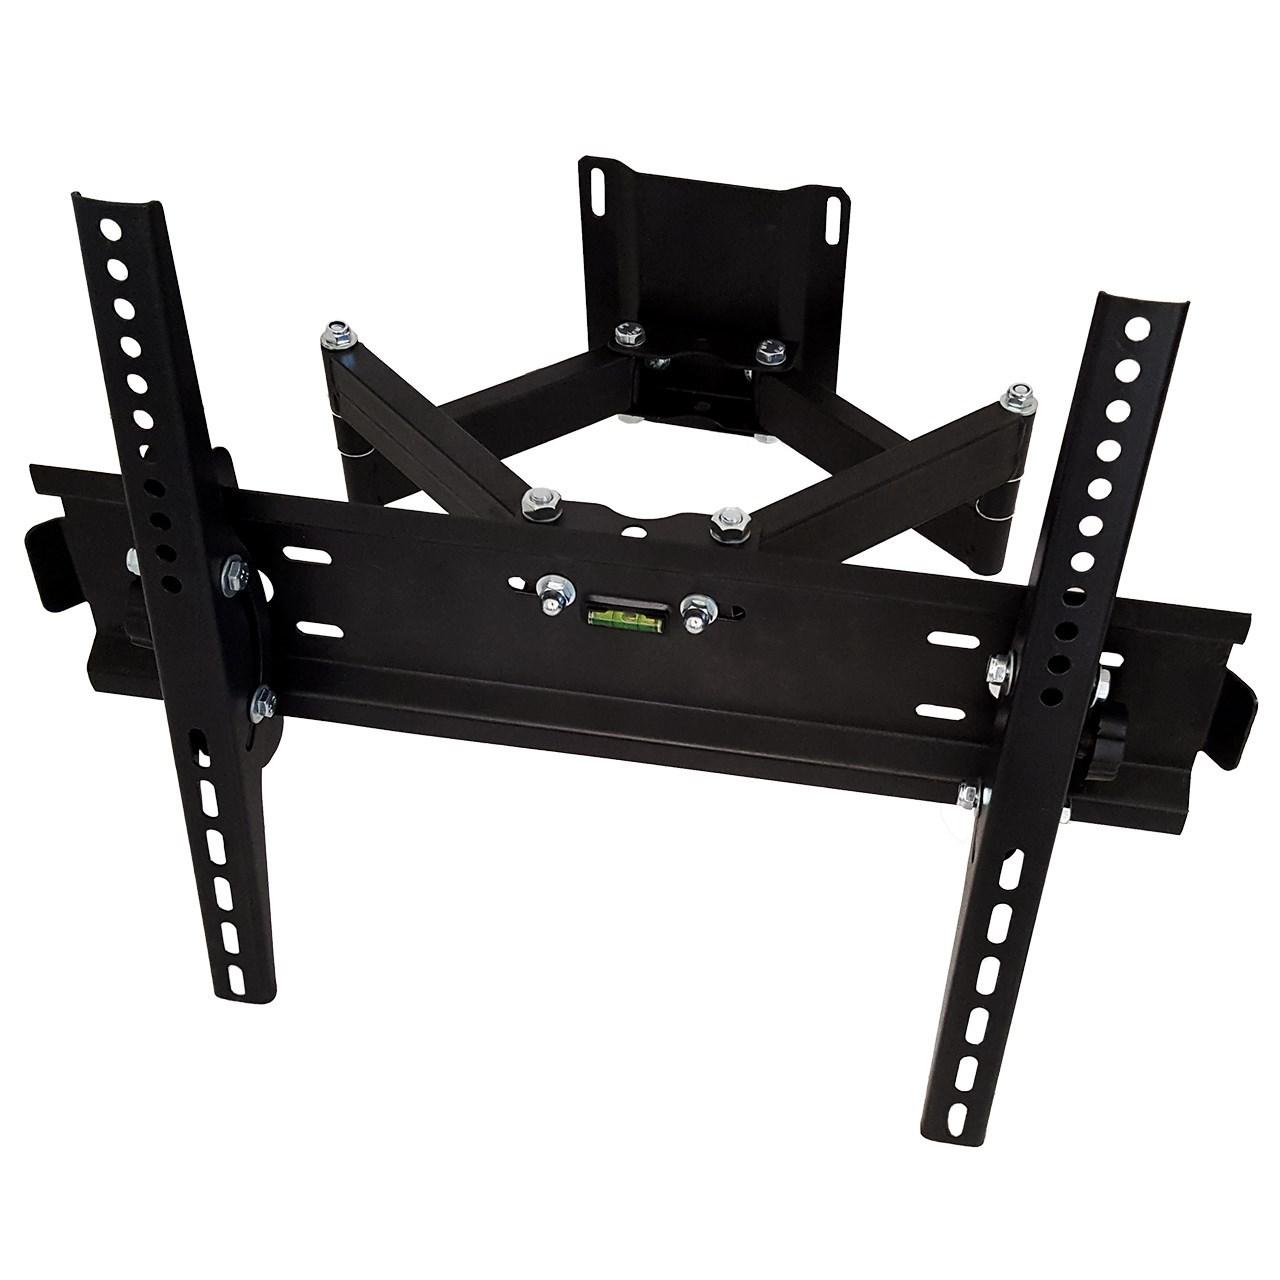 خرید اینترنتی پایه دیواری تلویزیون مدل W5 مناسب برای تلویزیون های 32 تا 58 اینچ اورجینال